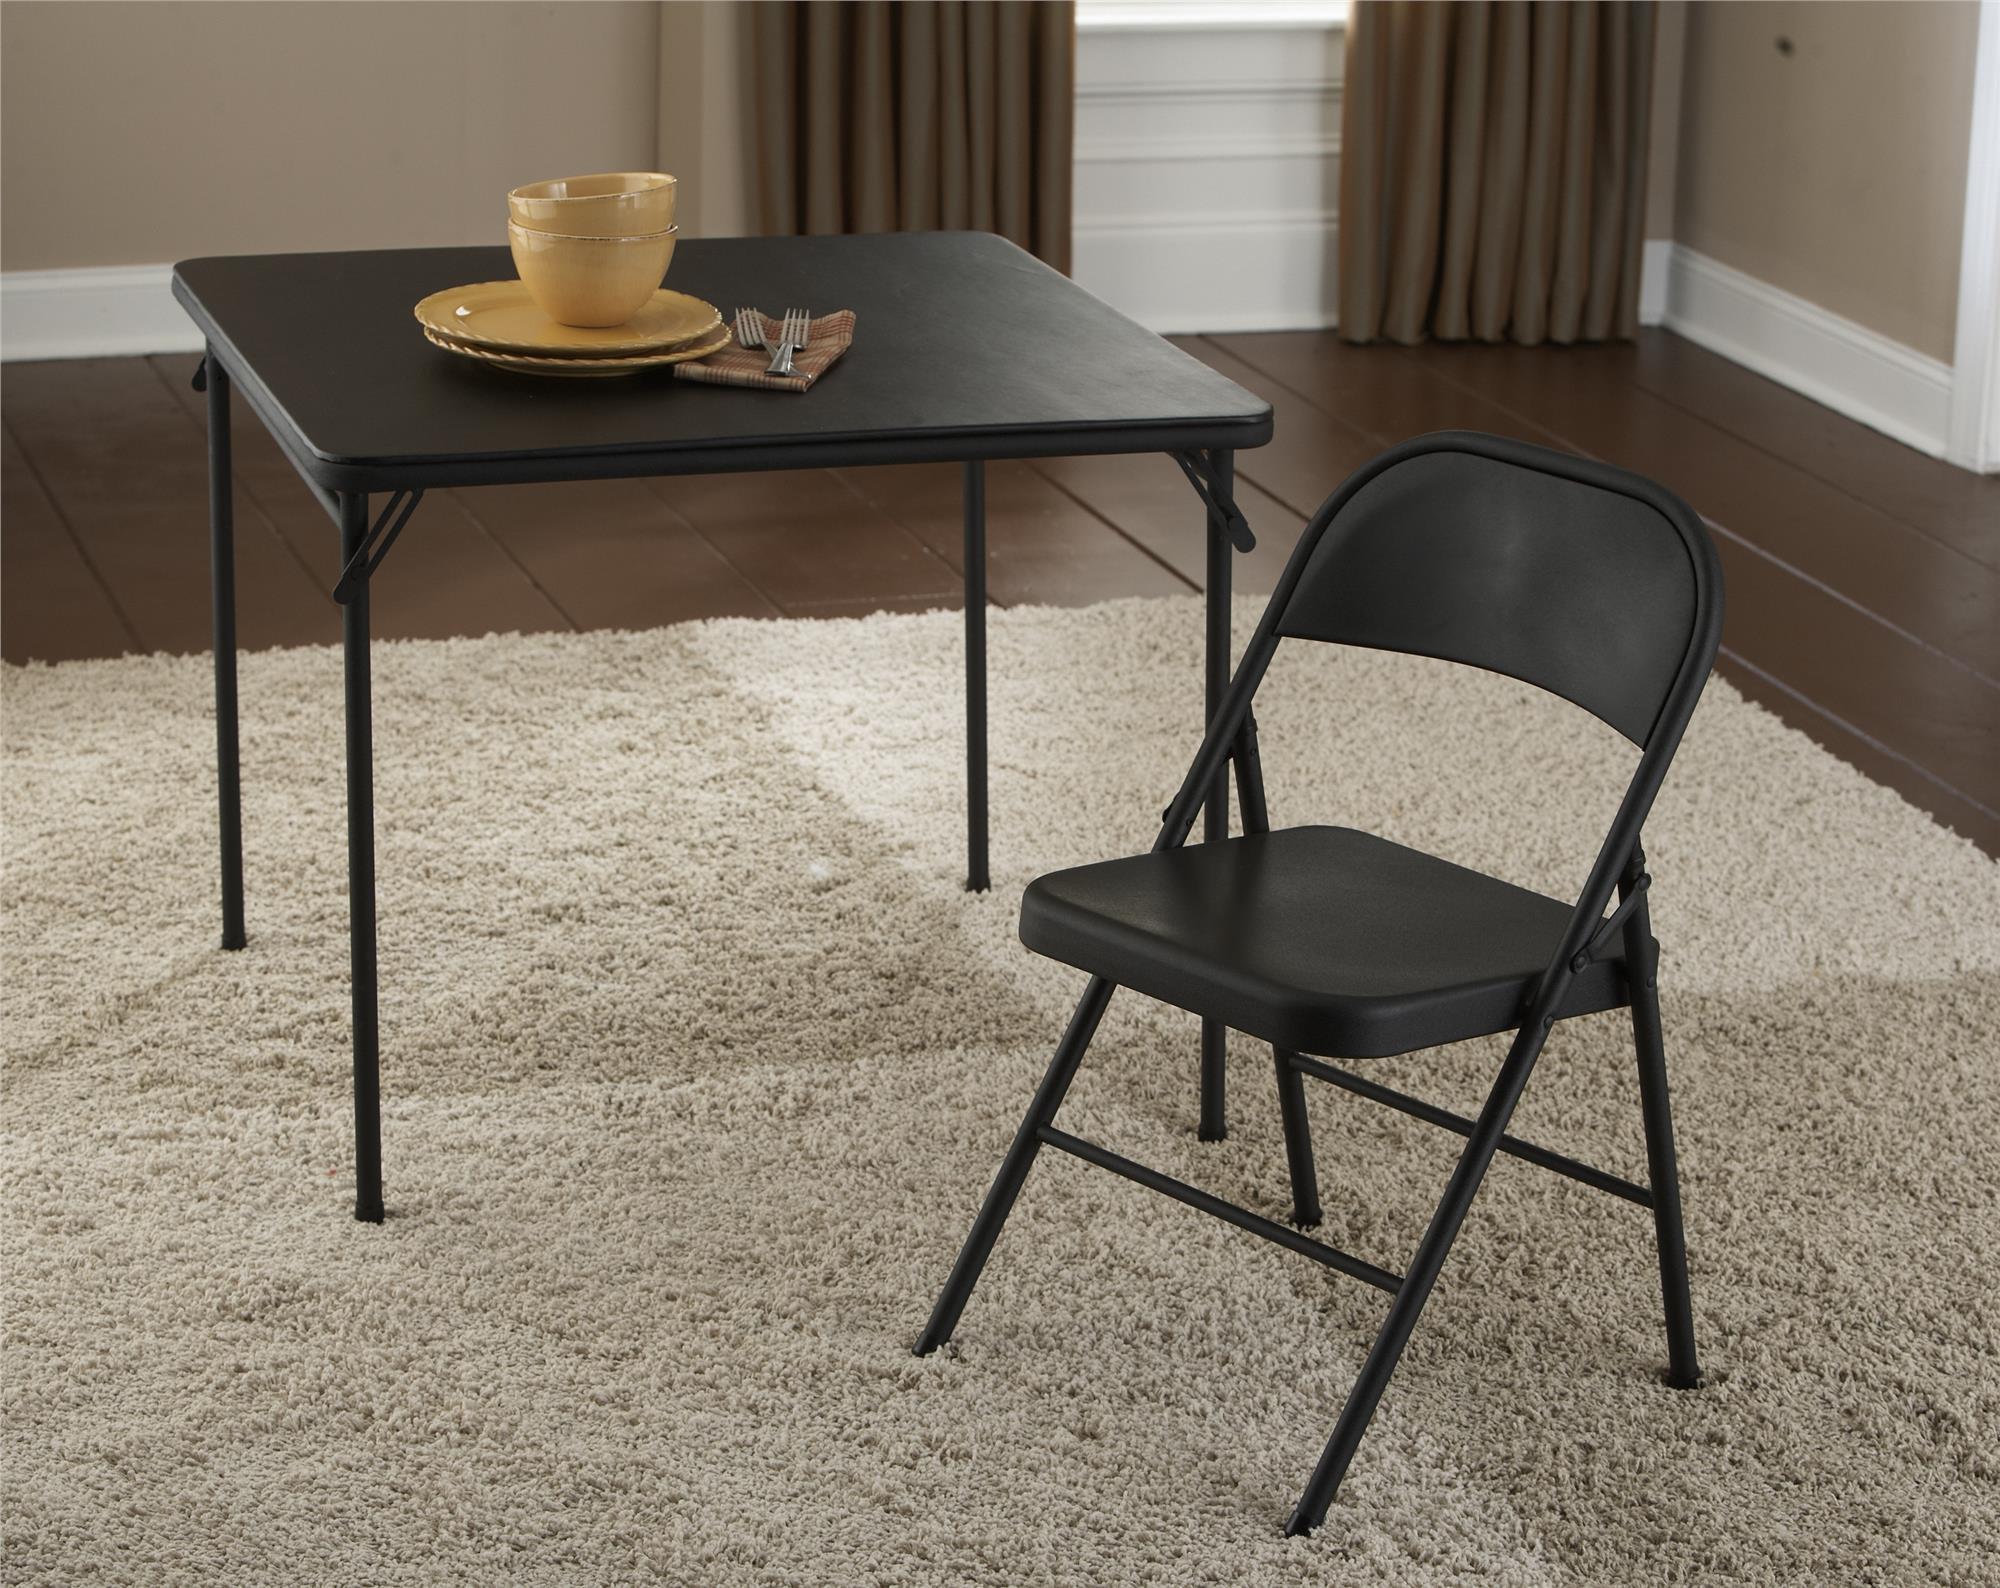 Cool Metal Folding Chair Inzonedesignstudio Interior Chair Design Inzonedesignstudiocom